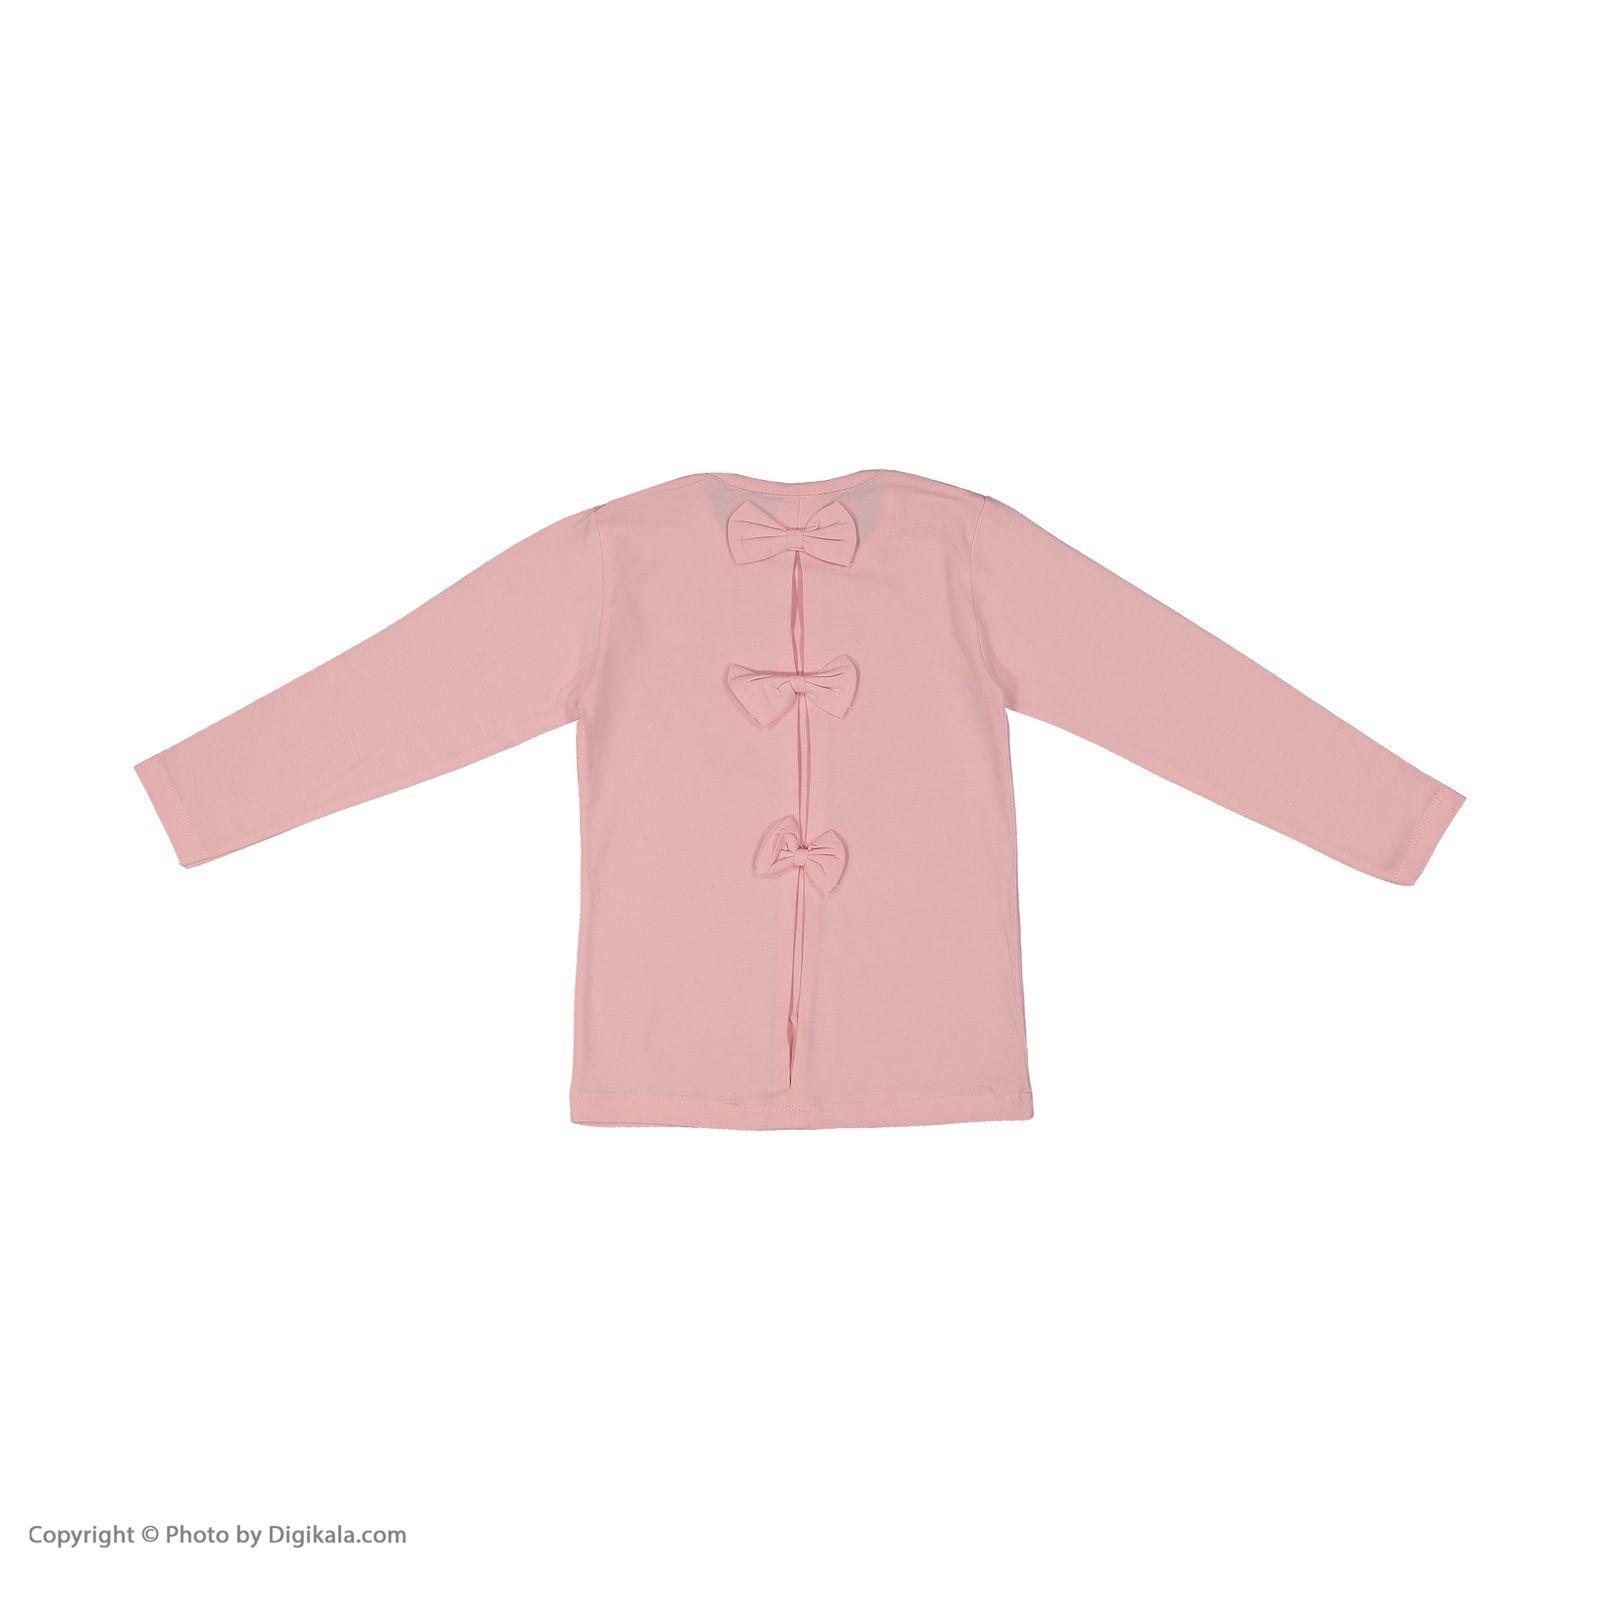 تی شرت دخترانه سون پون مدل 1391357-84 -  - 4